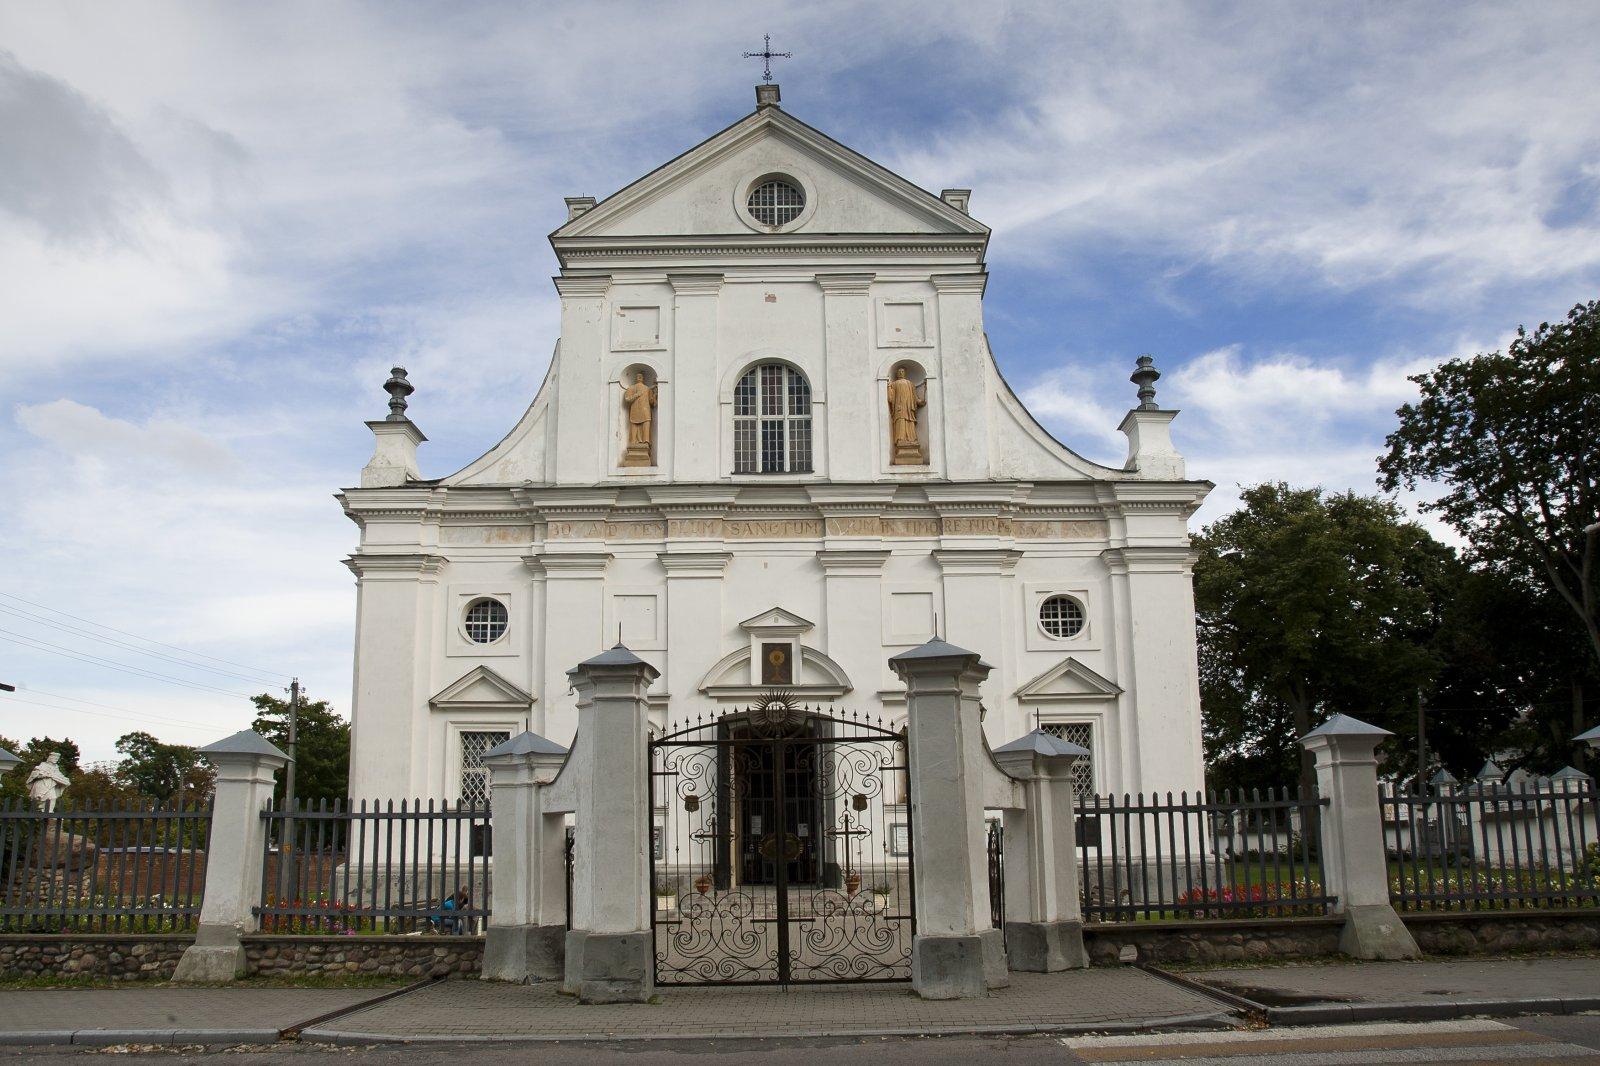 1 pav. Nesvyžiaus Dievo Kūno bažnyčia. Fot. M. Ambrazas, Communicare©